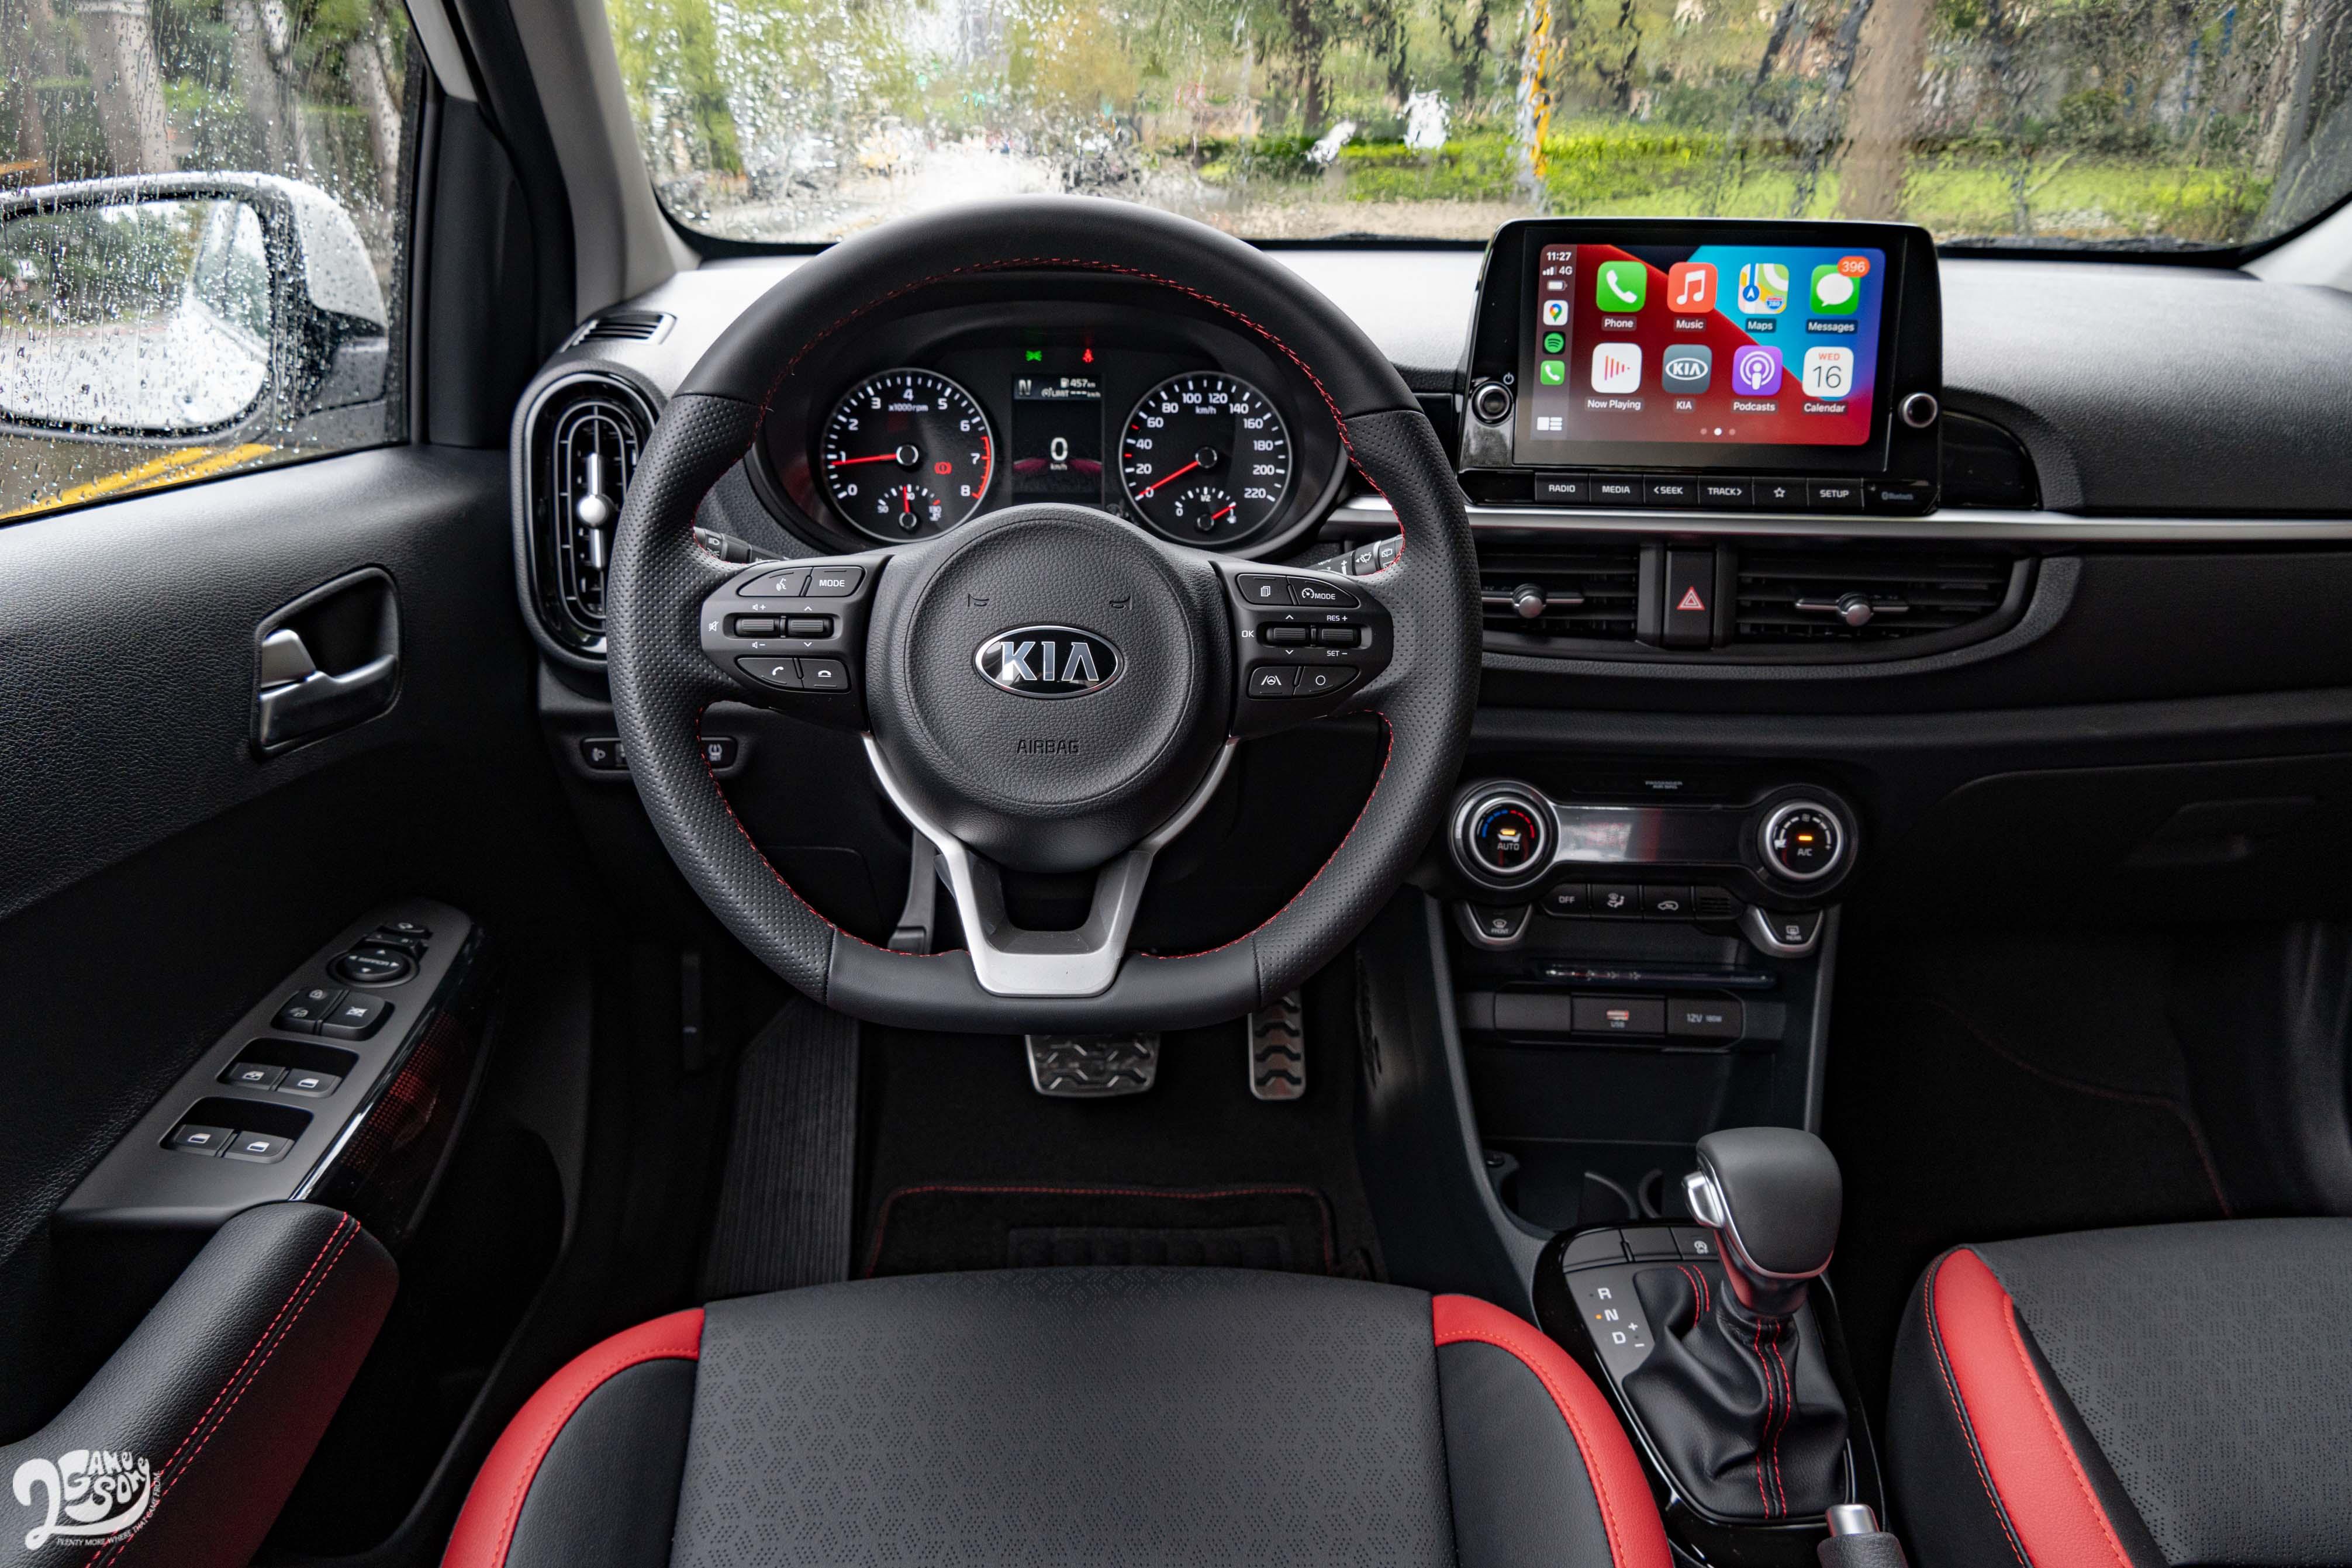 透過皮質方向盤可以感受到清晰且不太過輕盈的轉向,讓這車給人靈巧的動態反應。